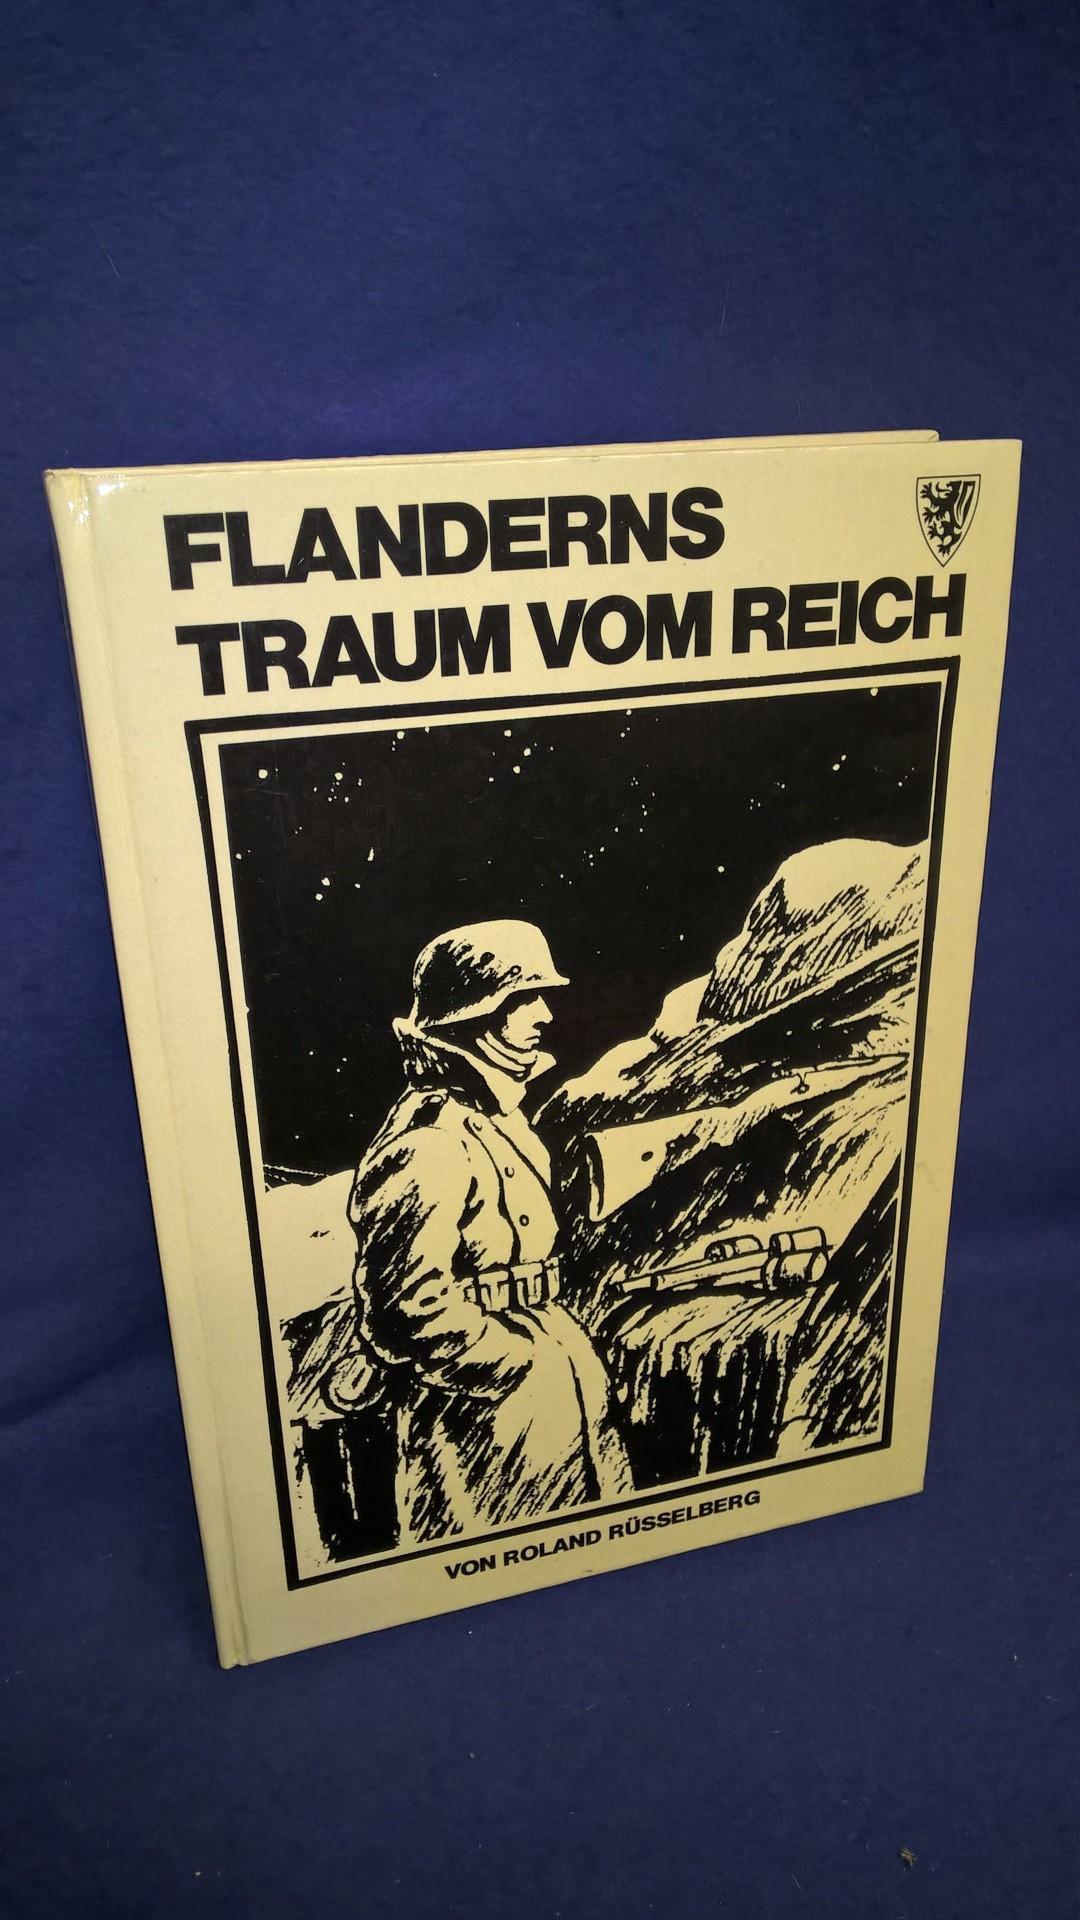 Flanderns Traum vom Reich